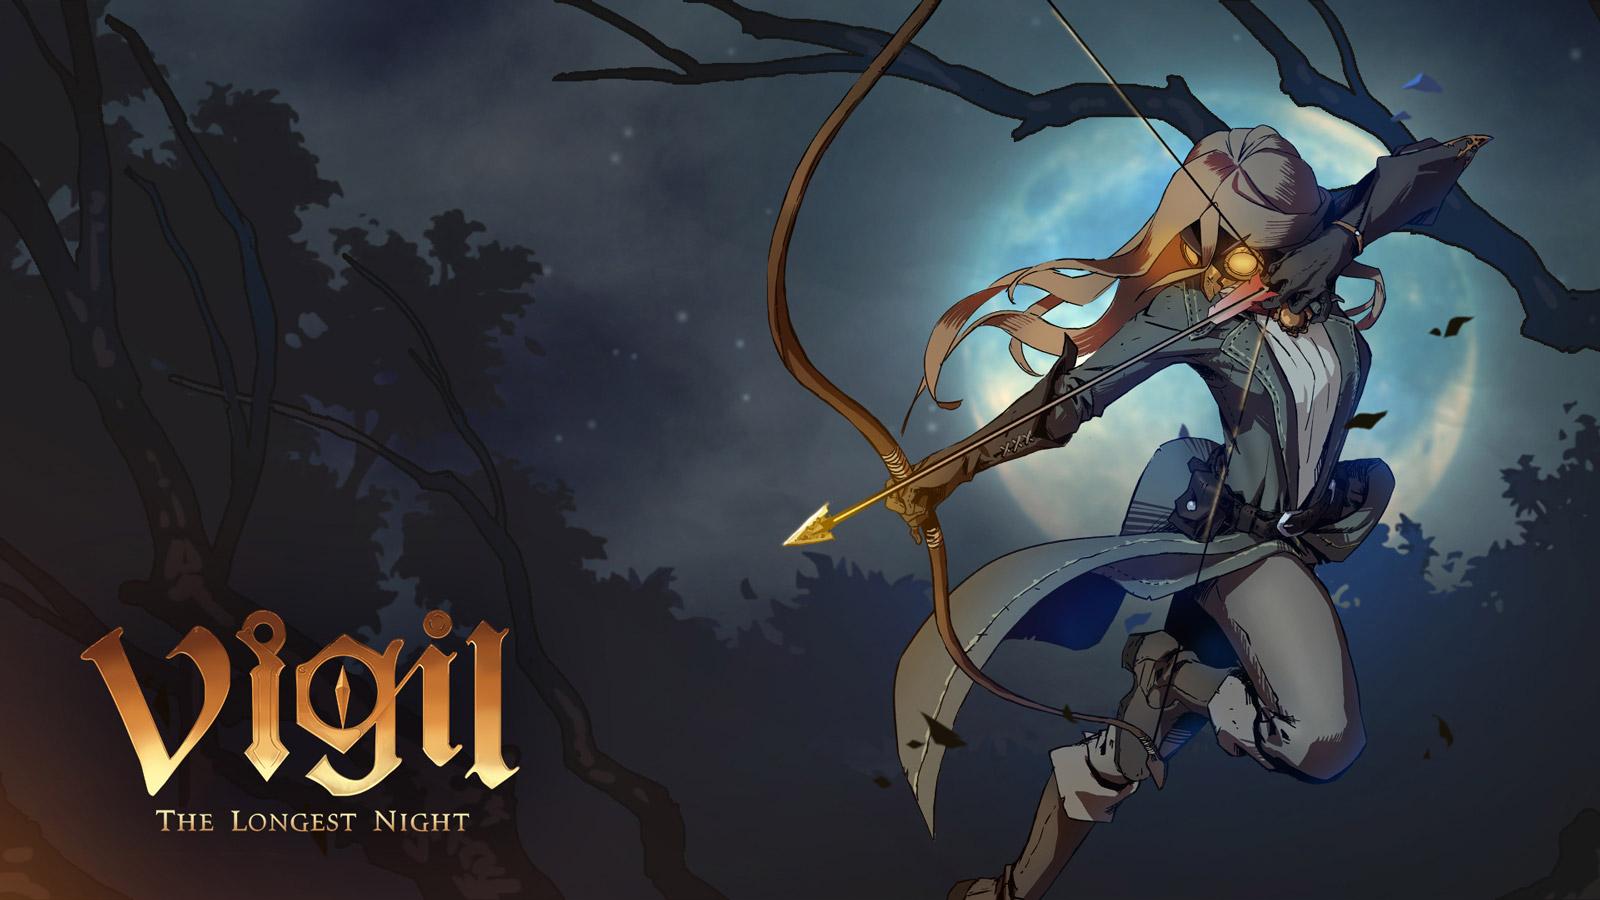 Free Vigil: The Longest Night Wallpaper in 1600x900